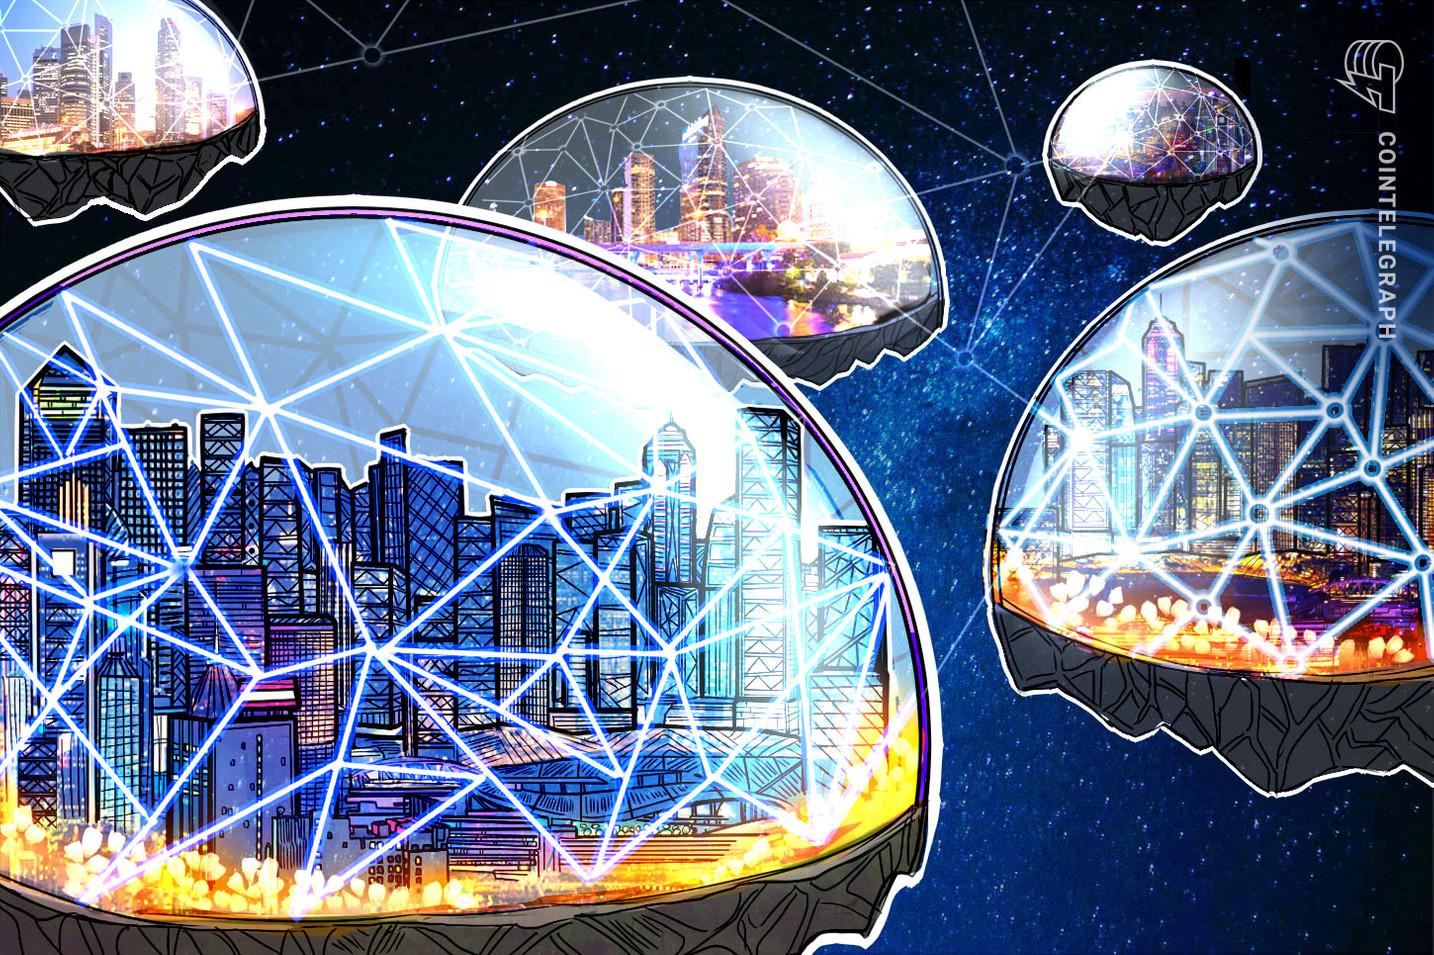 Se elabora un nuevo proyecto de ciudad inteligente basado en blockchain para la capital camboyana